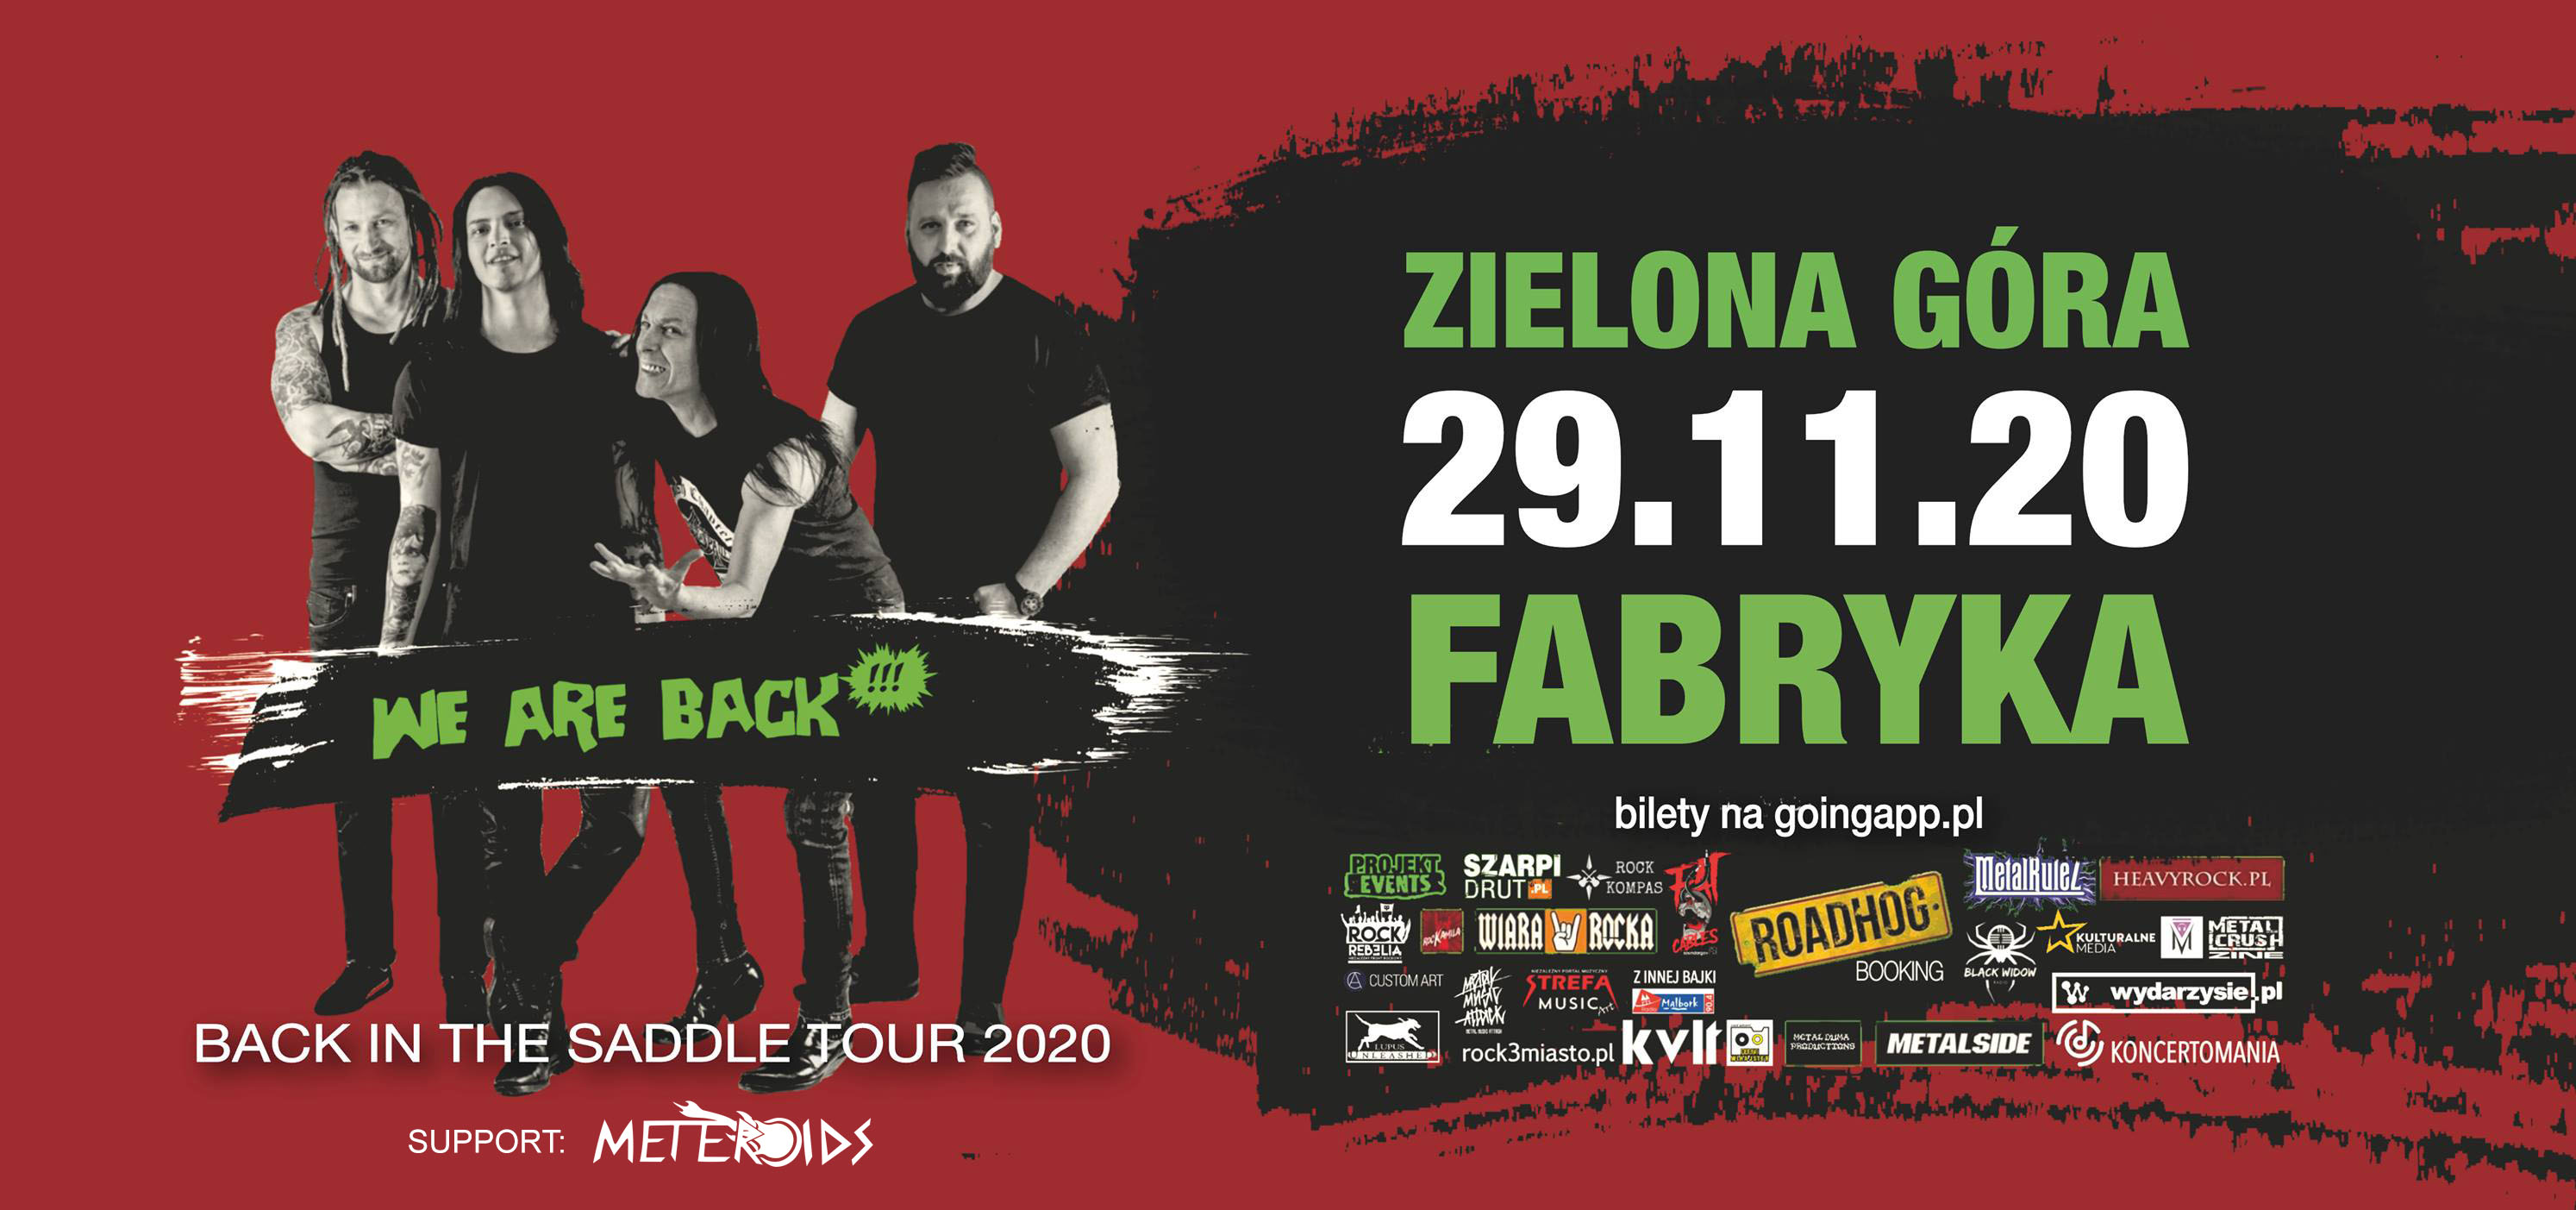 House of Death(+ Meteroids) live in Zielona Góra - PRZENIESIONY na 2021!!!